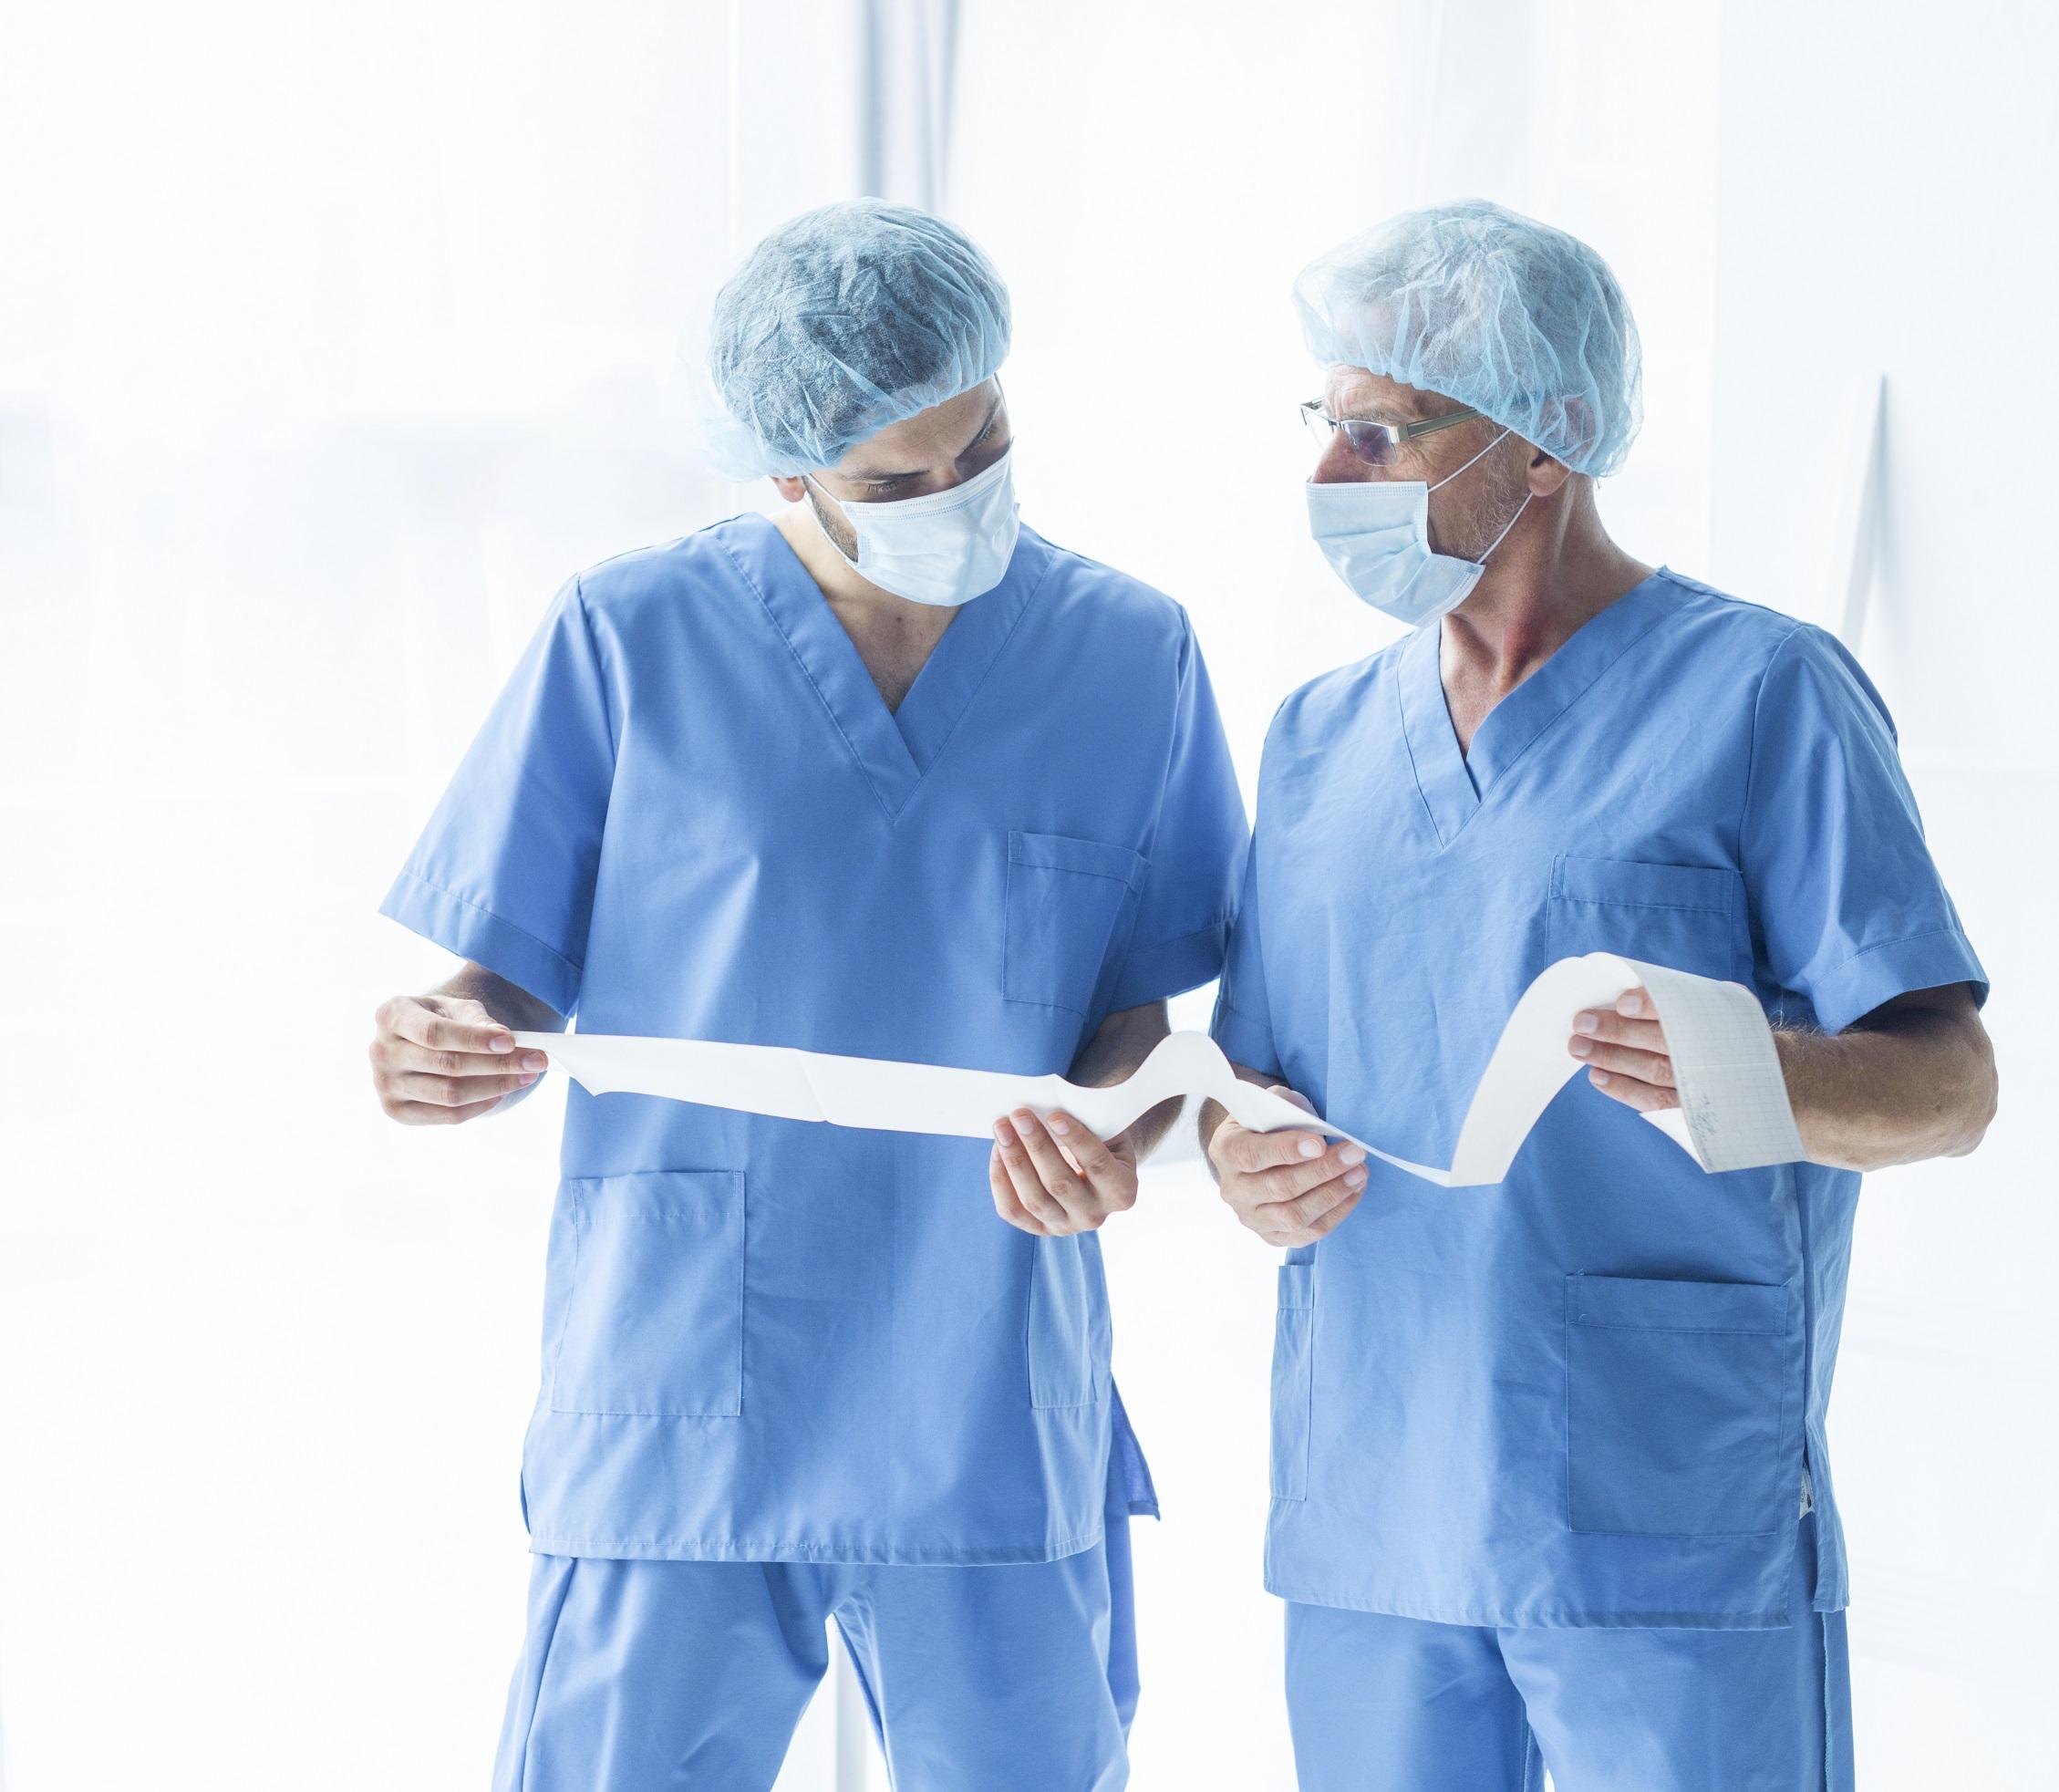 (P) Ai nevoie de uniforme medicale pentru angajați? Iată ce trebuie să ai în vedere